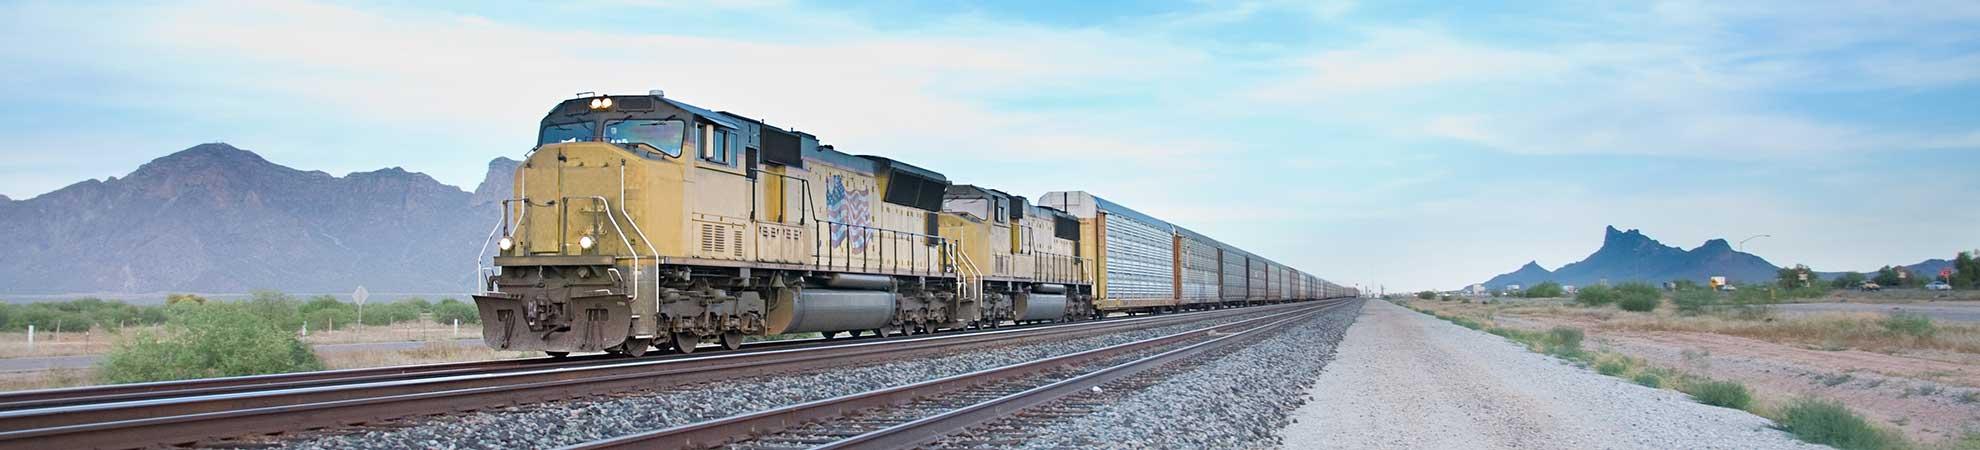 Voyage en train dans l'ouest américain